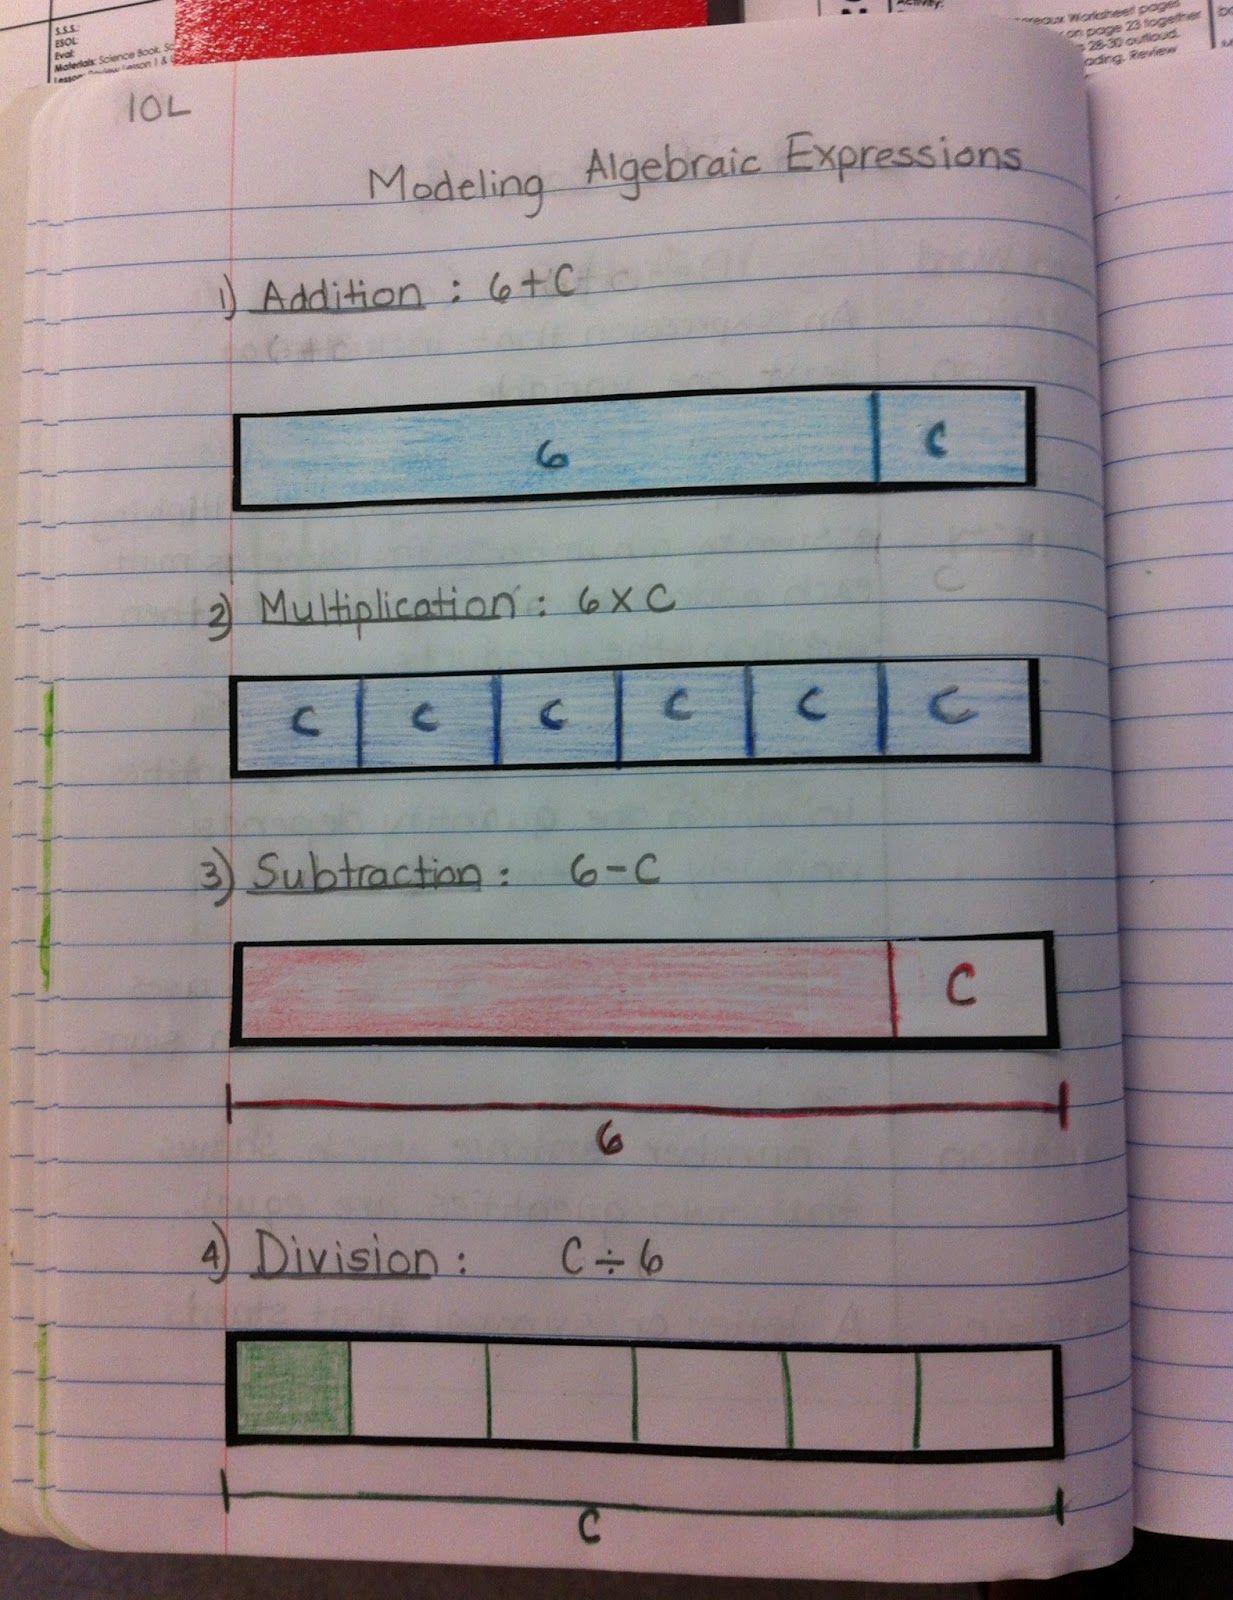 Algebraic Expressions P 1 233 1 600 Pixels